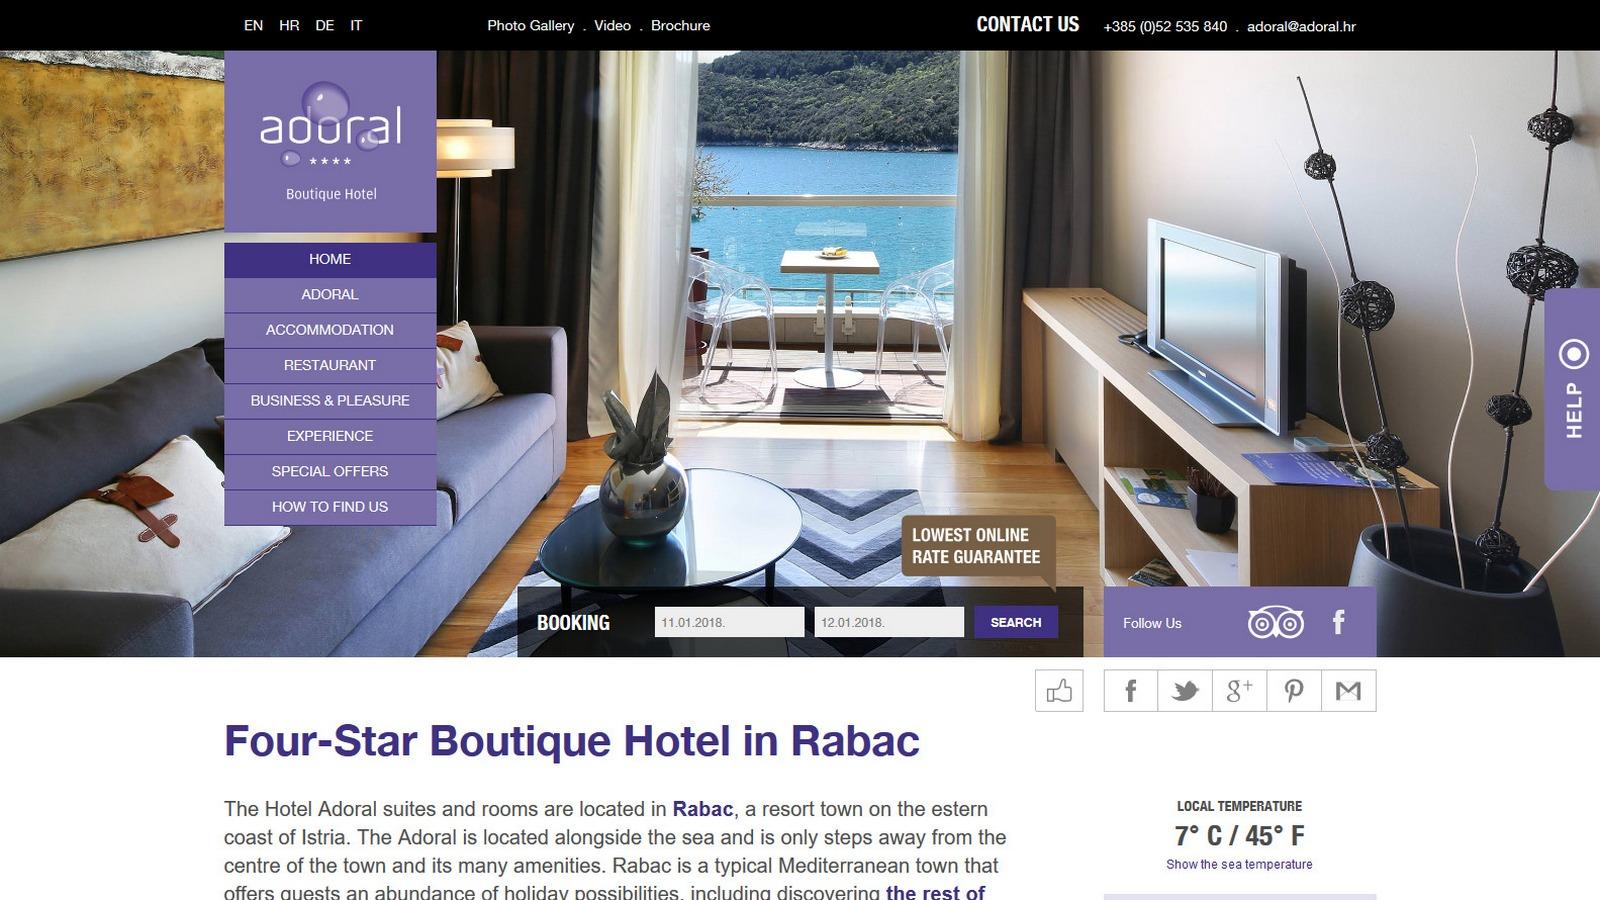 Adoral hotel